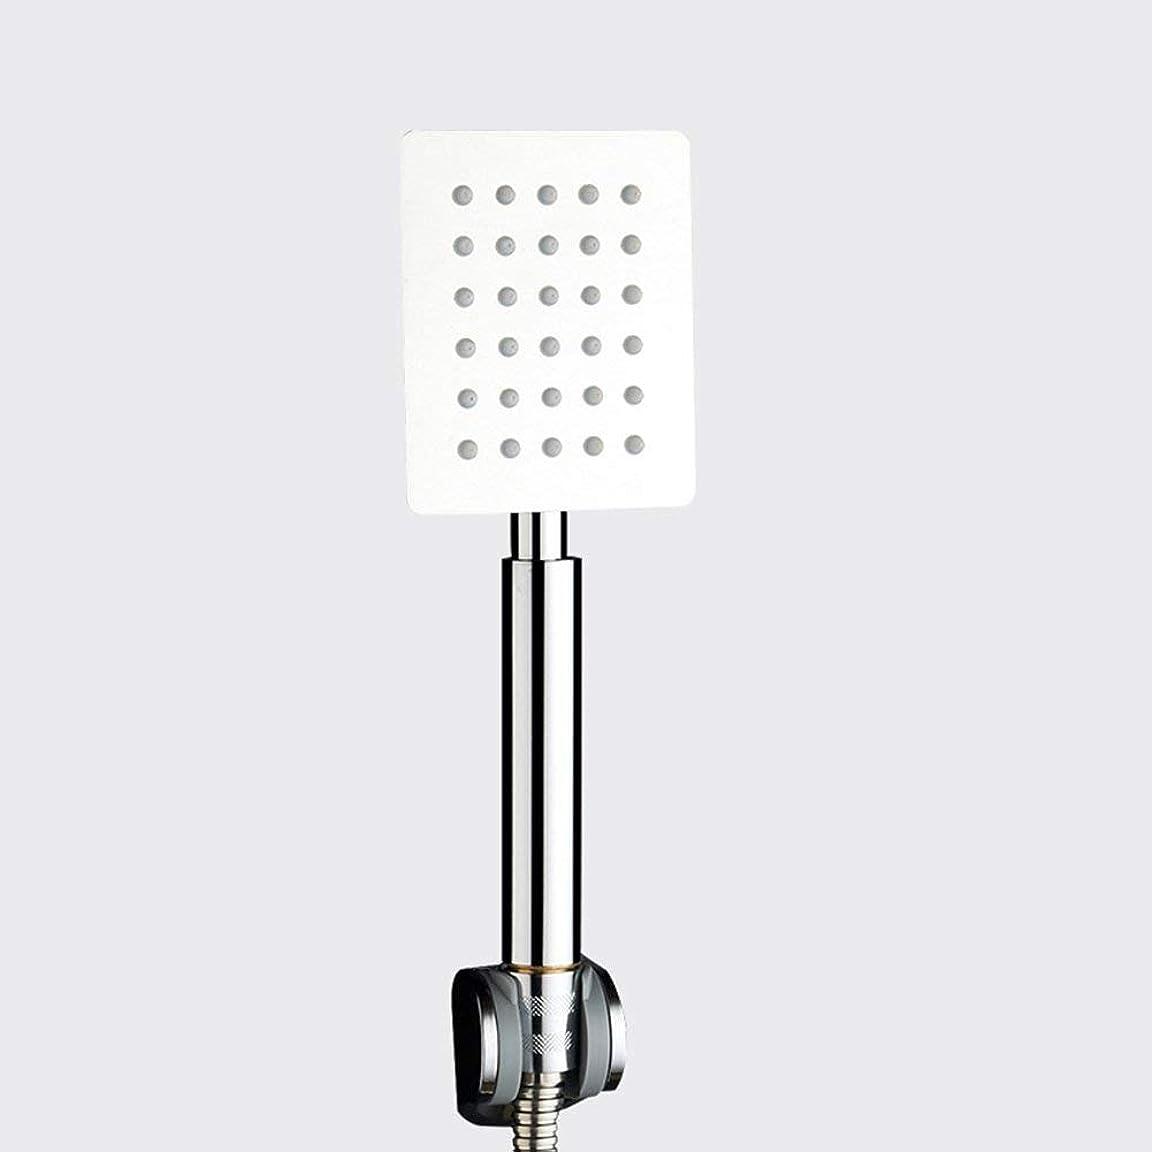 リッチ悪行知性実用的なハンドシャワー 304ステンレス鋼浴室手のシャワーを浴びるシャワーヘッドシャワーヘッドシャワーヘッドシャワーヘッドシャワーヘッドシャワーヘッドシャワーヘッドシャワーヘッド (Color : 2)